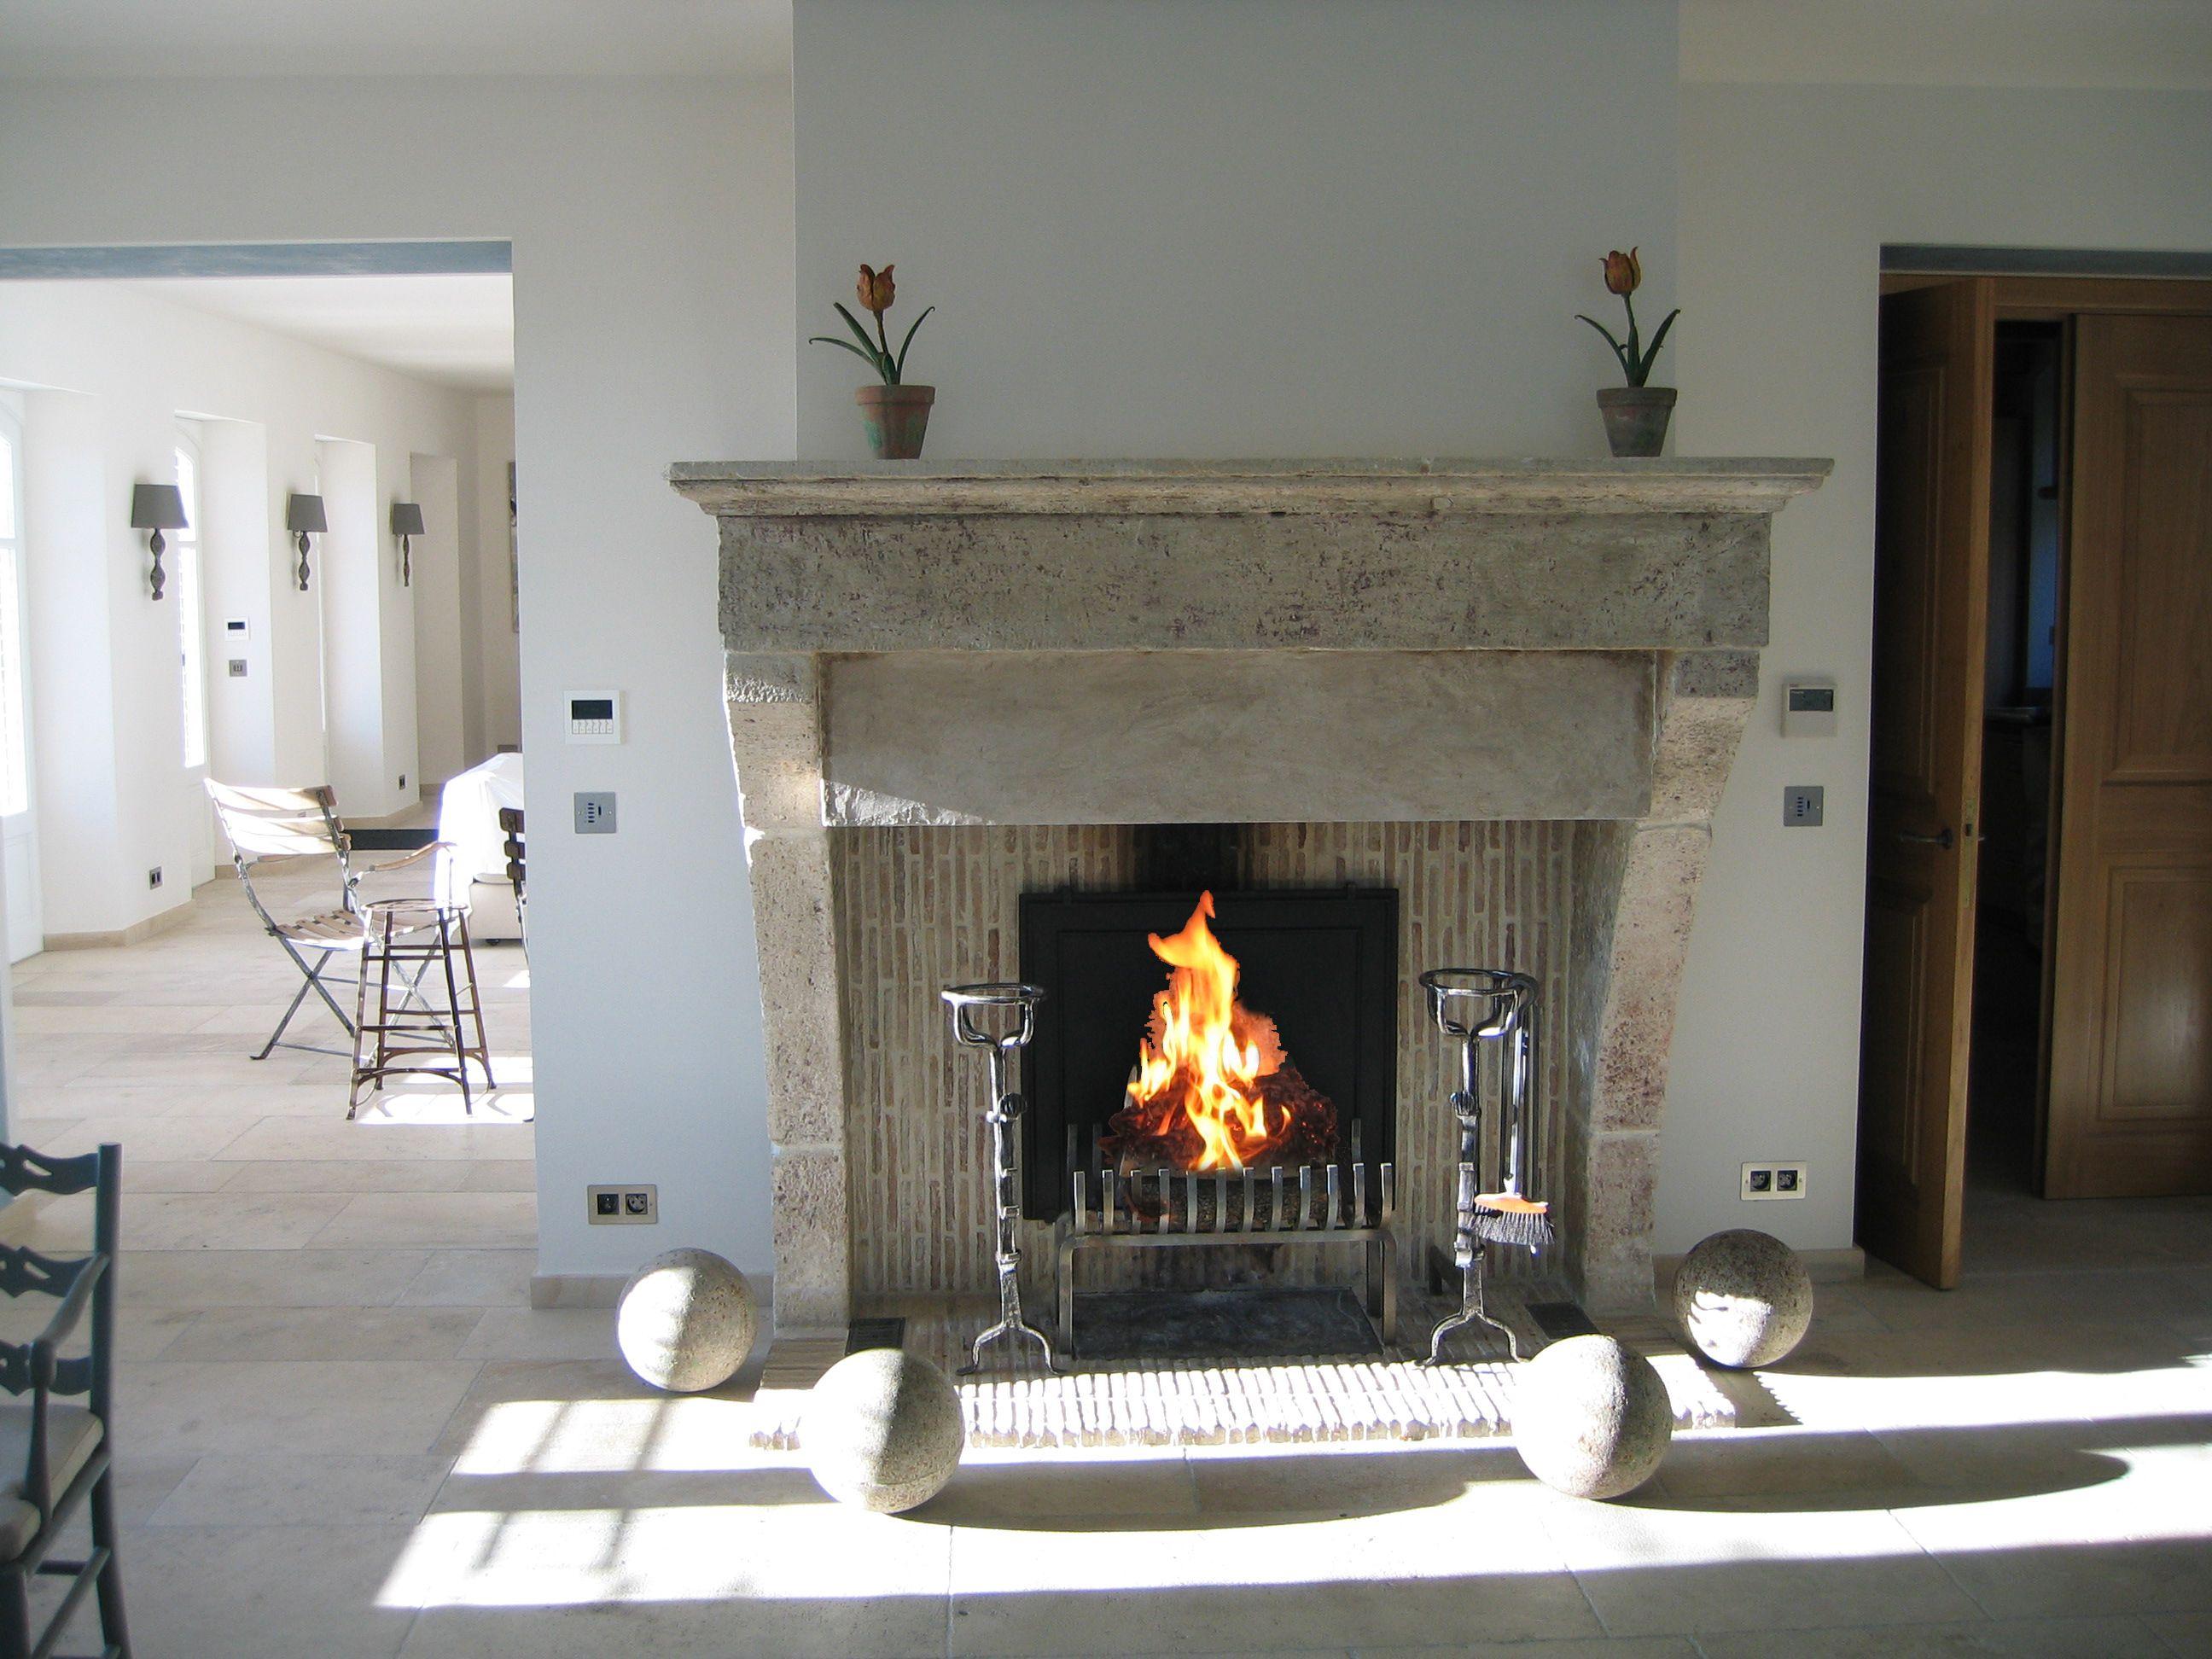 belle chemin e en vieilles pierres cr e par atry 39 home sur la c te d 39 azur nice fireplace with. Black Bedroom Furniture Sets. Home Design Ideas